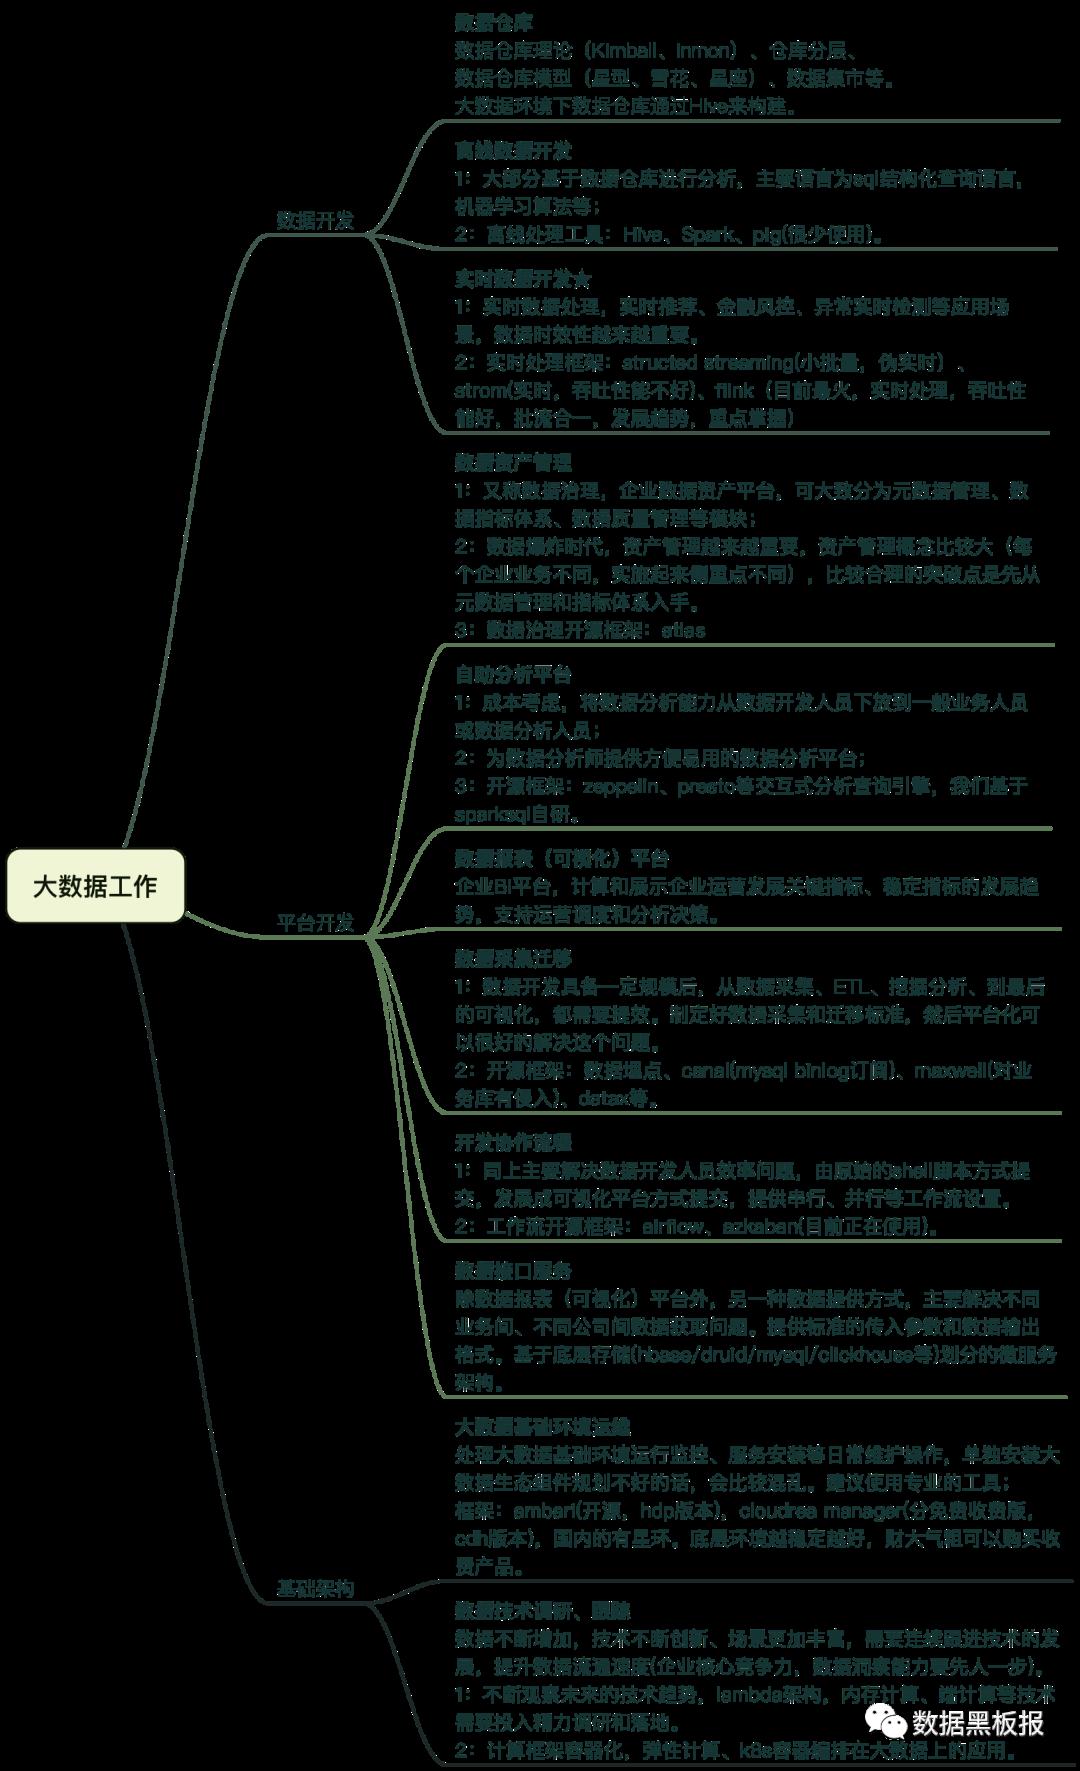 大数据产品平台化体系.xmind